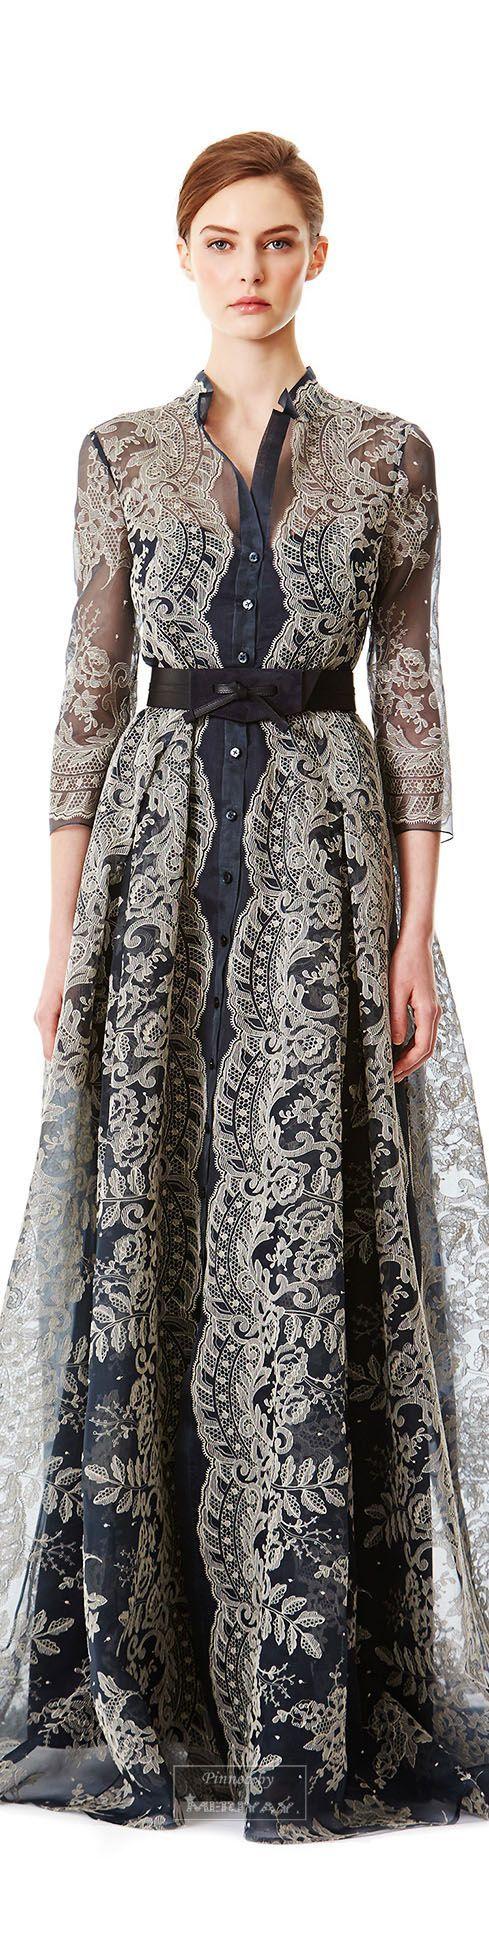 Carolina Herrera Pre-F15, arabian inspiration: I love this sheer lace maxi dress.